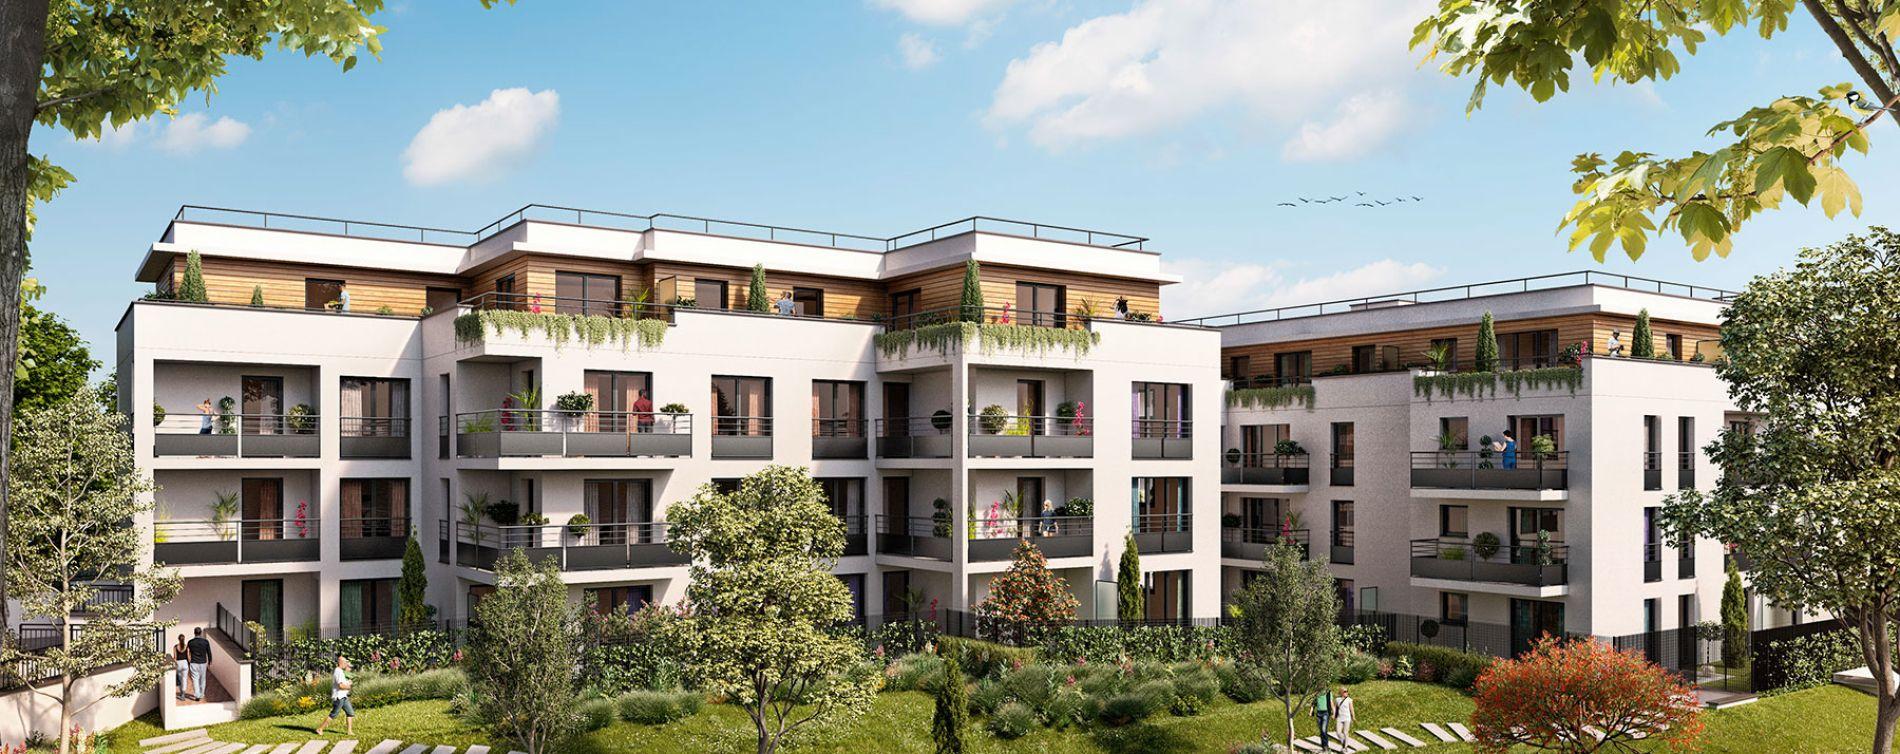 Longjumeau : programme immobilier neuve « Villa Bertillon » (2)